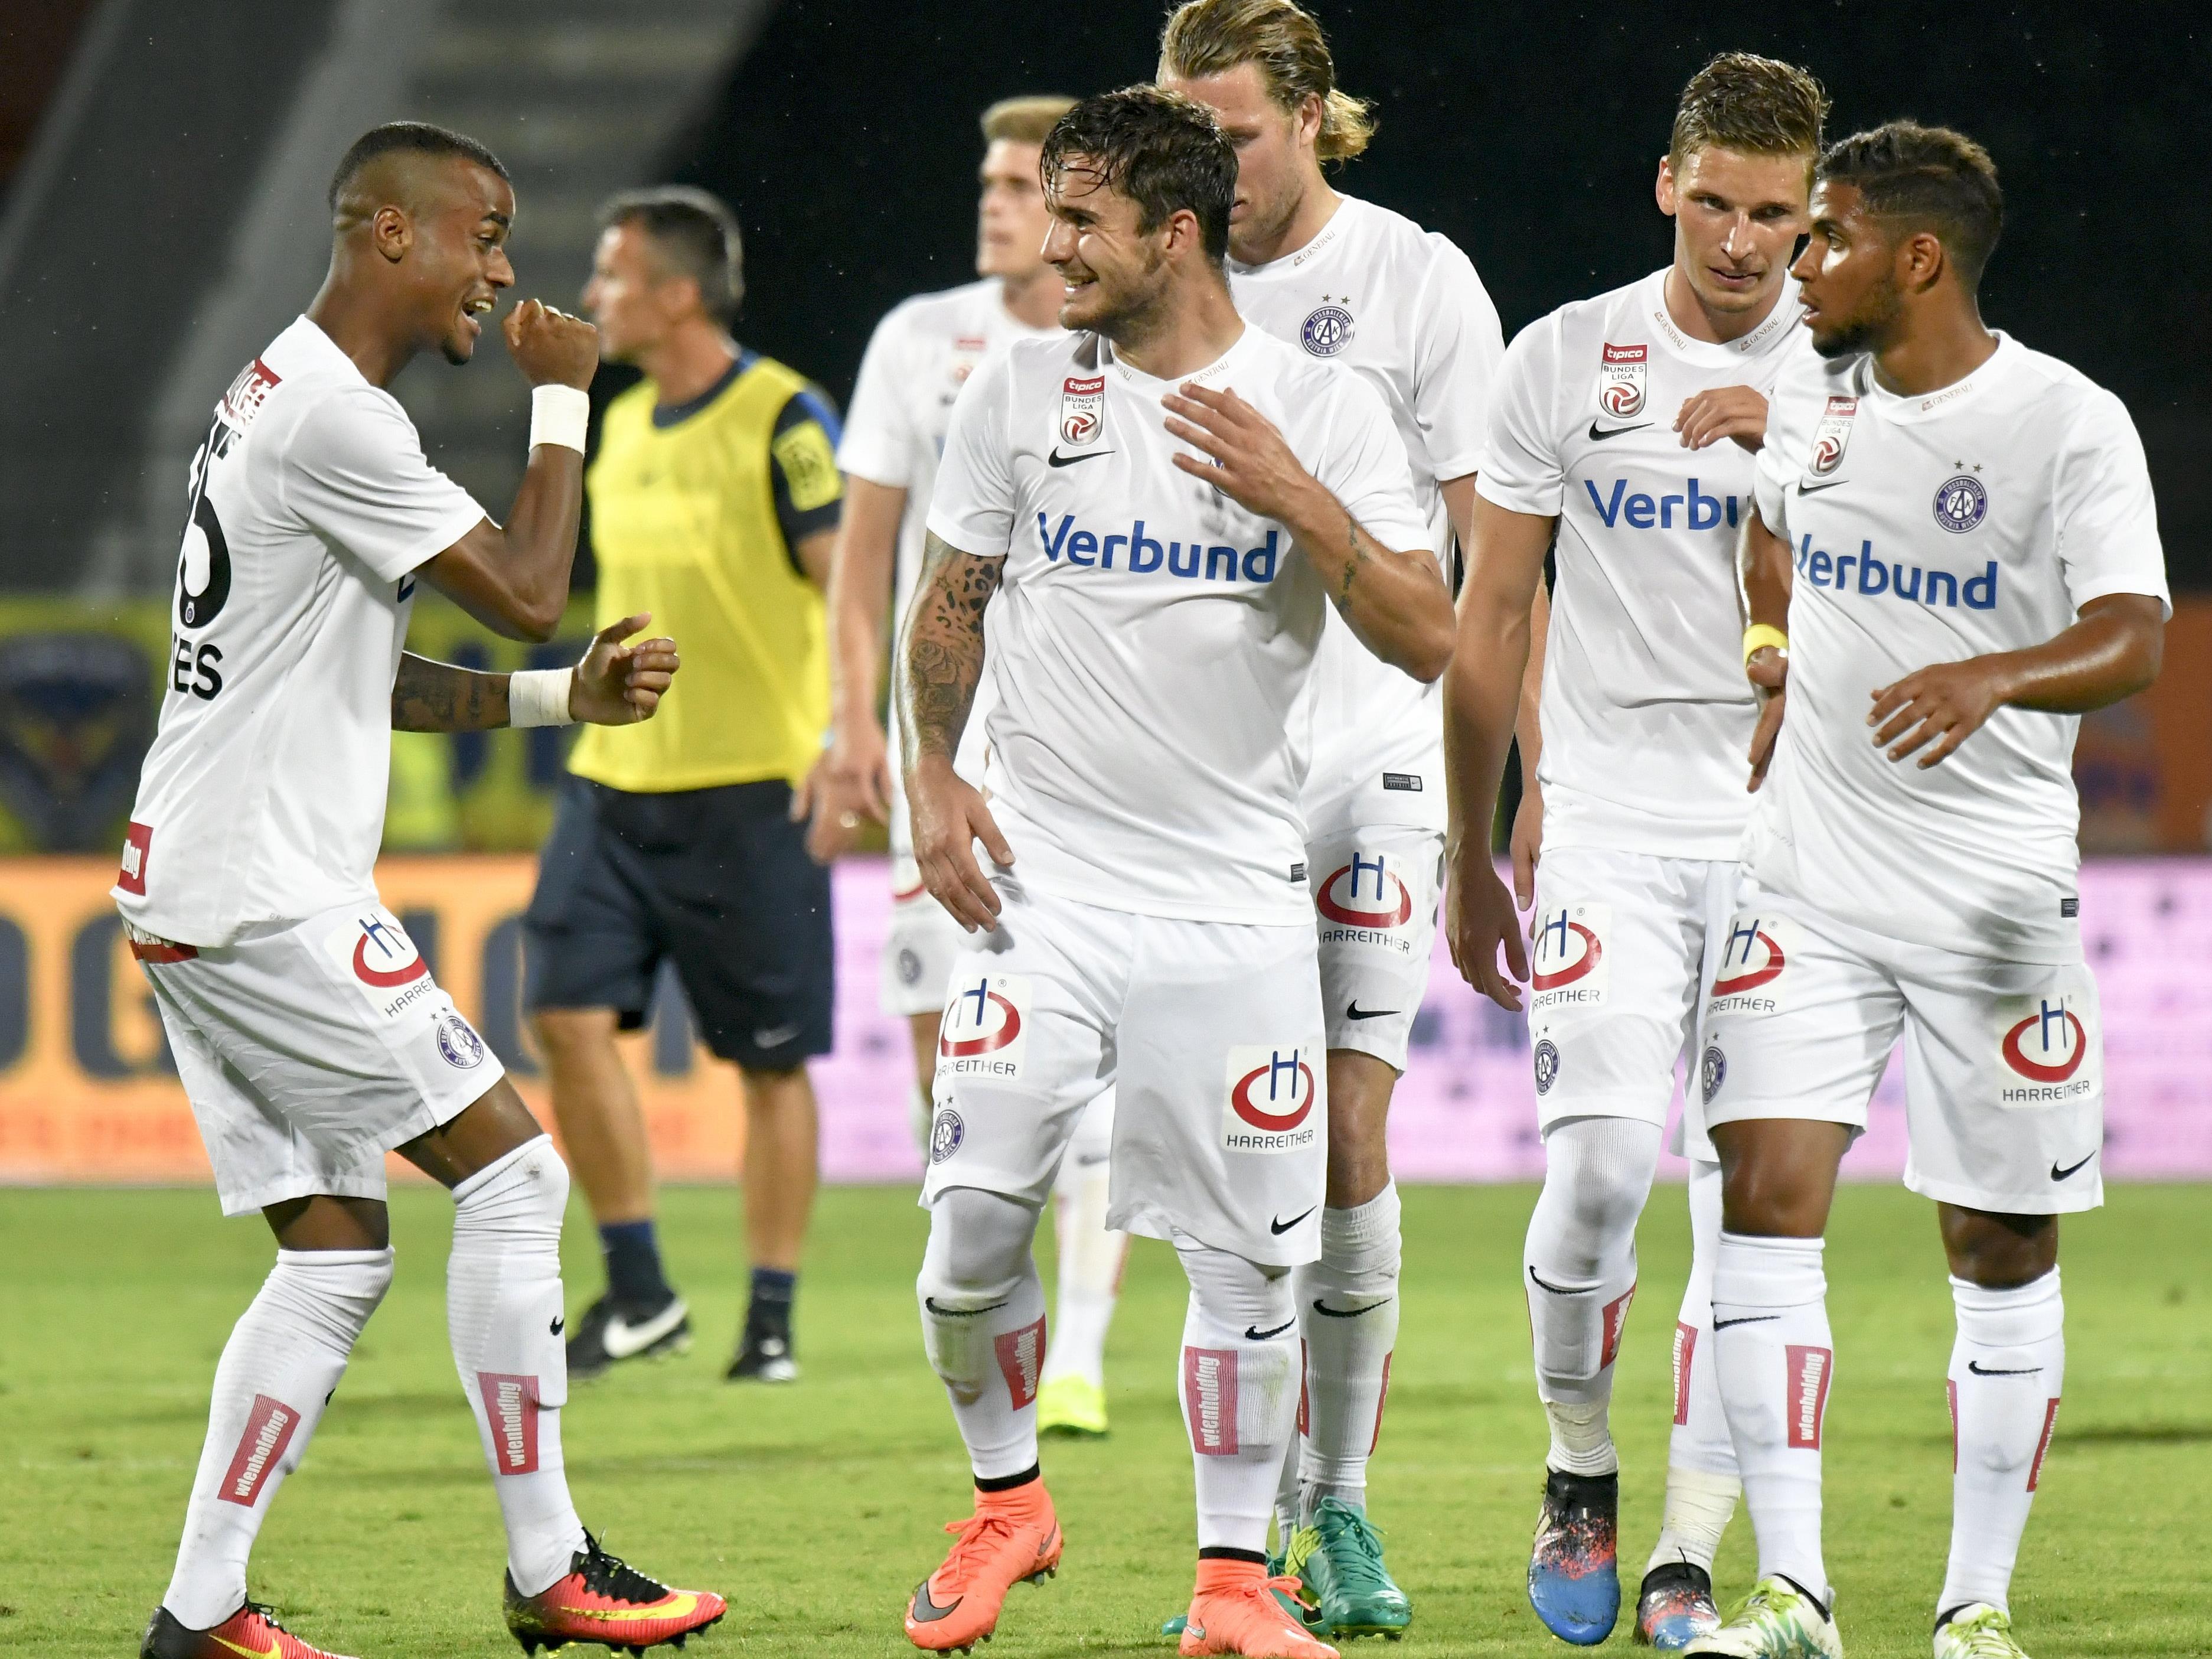 Die Wiener Austria spielt in der dritten EL-Qualirunde gegen Spartak Trnava zuerst zu Hause.